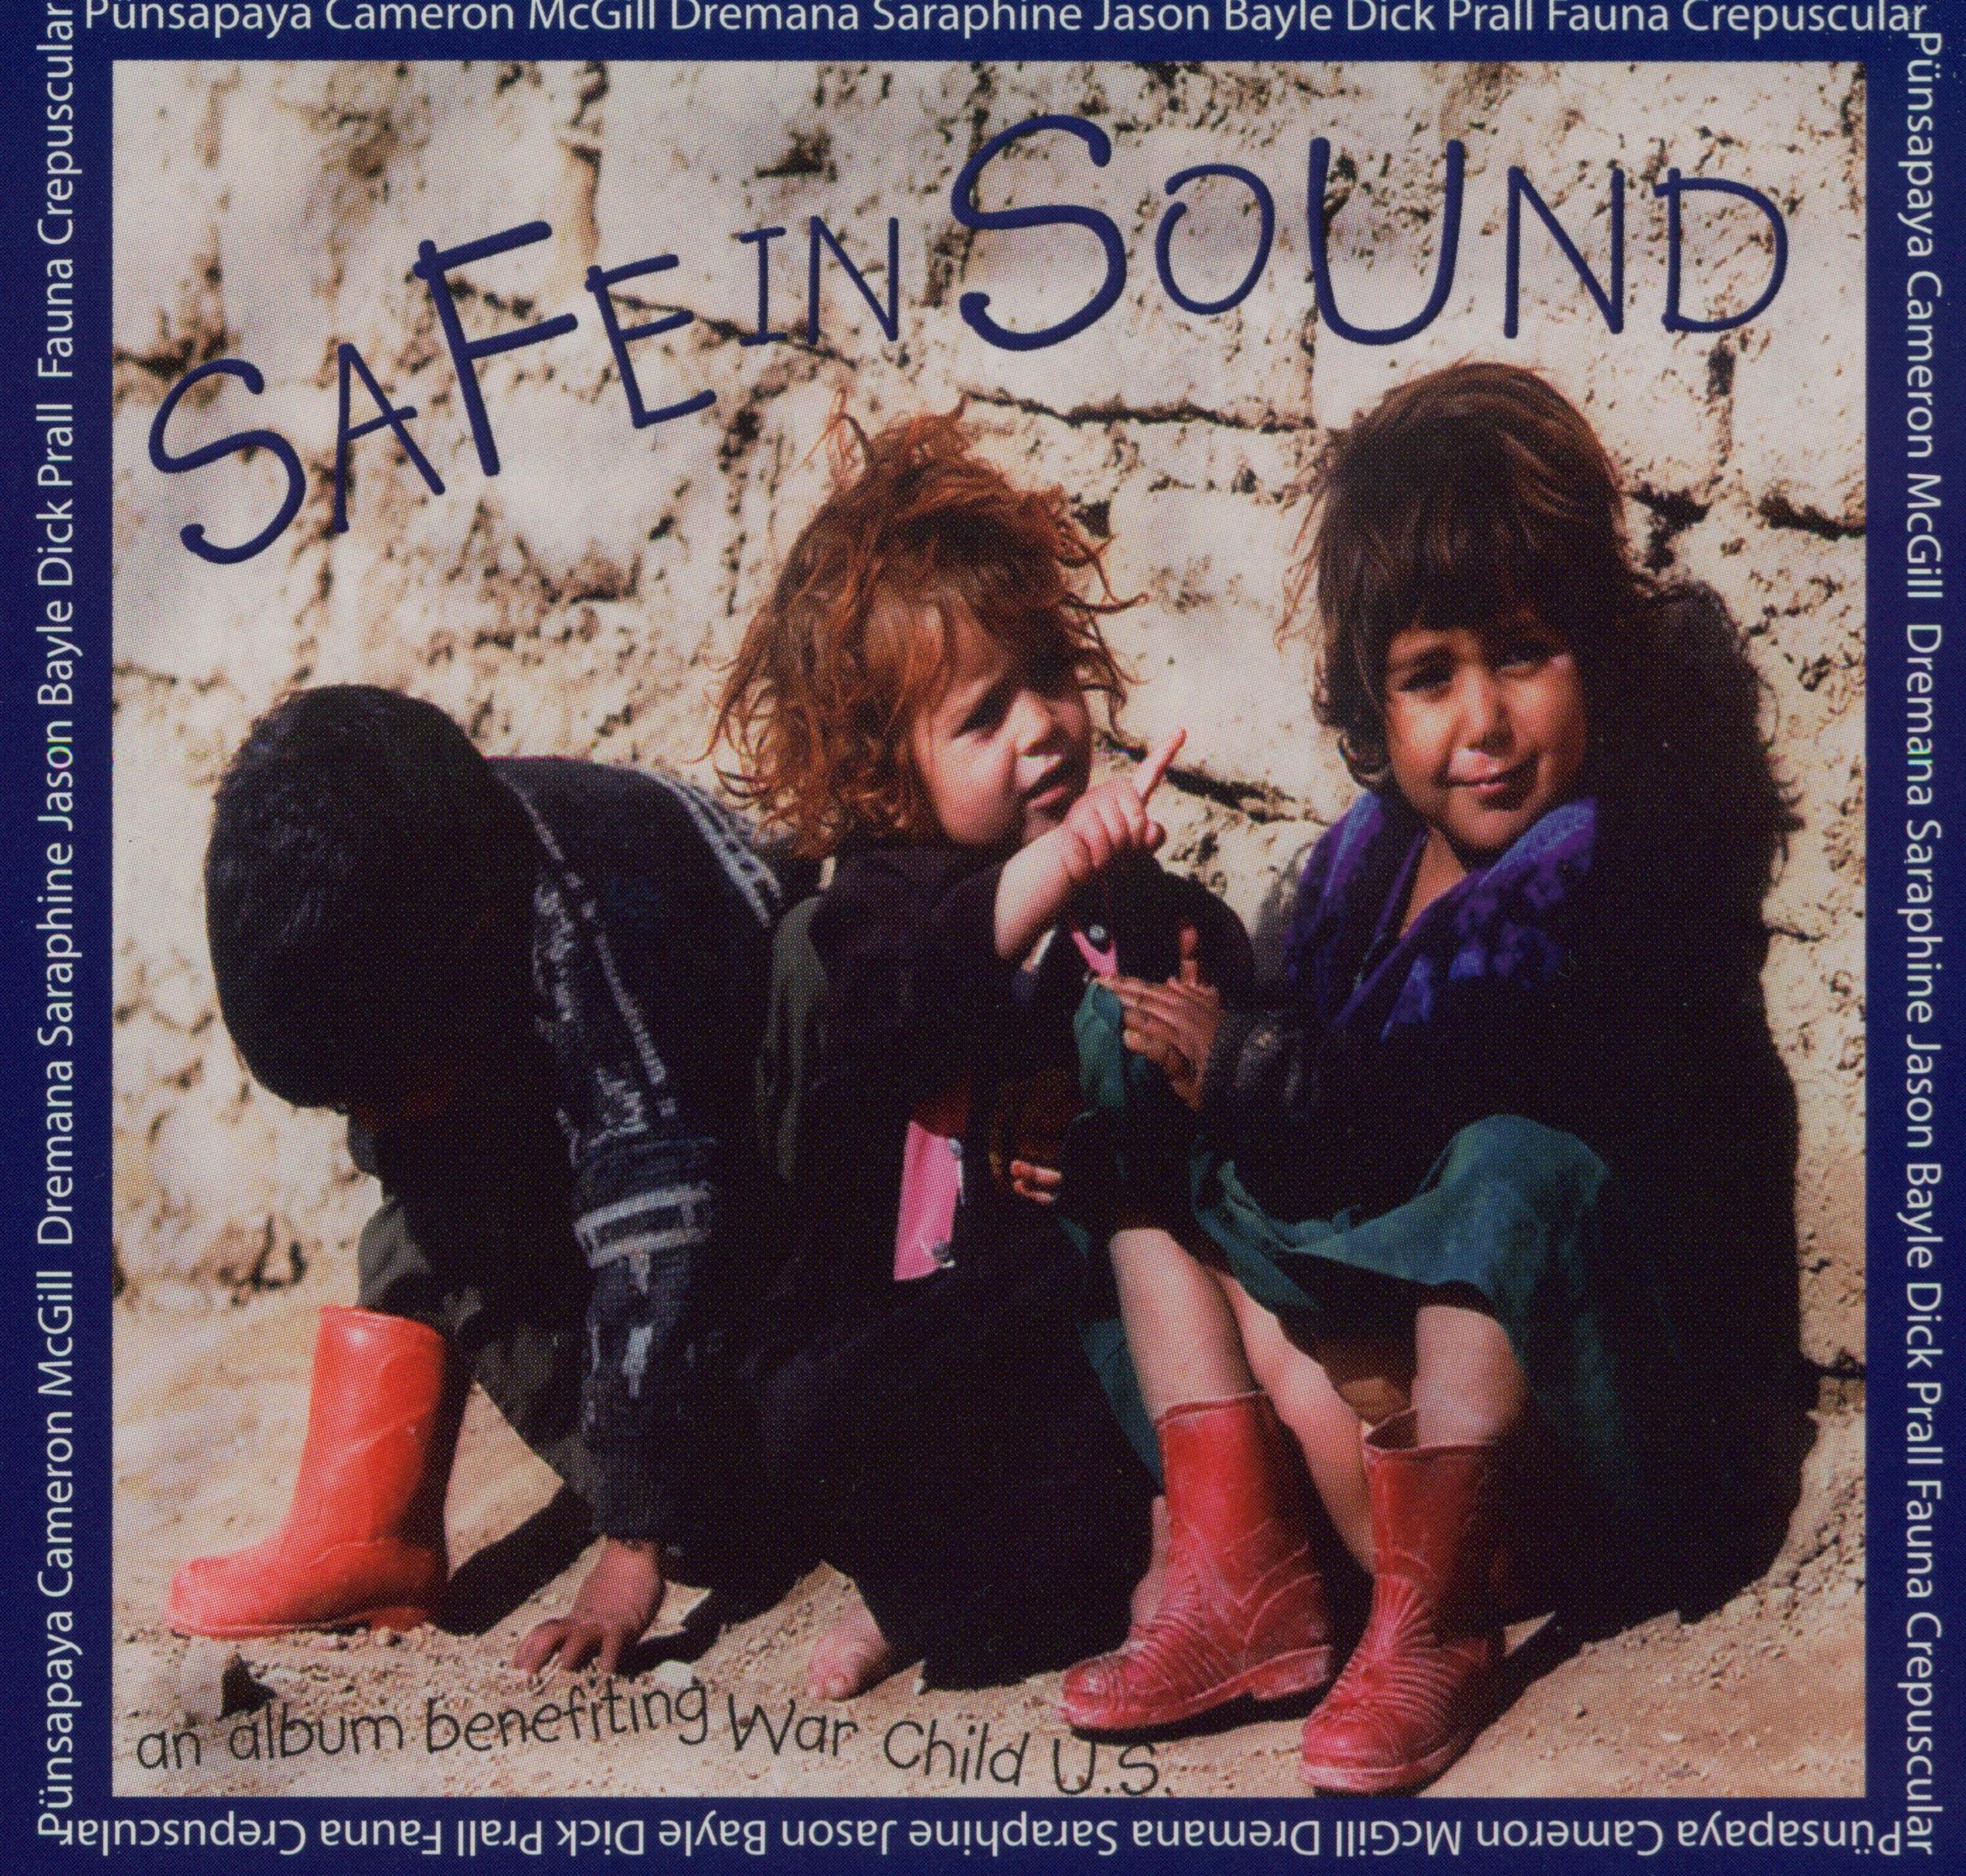 Safe in Sound An Album Benefiting War Child U.S. Album Artwork